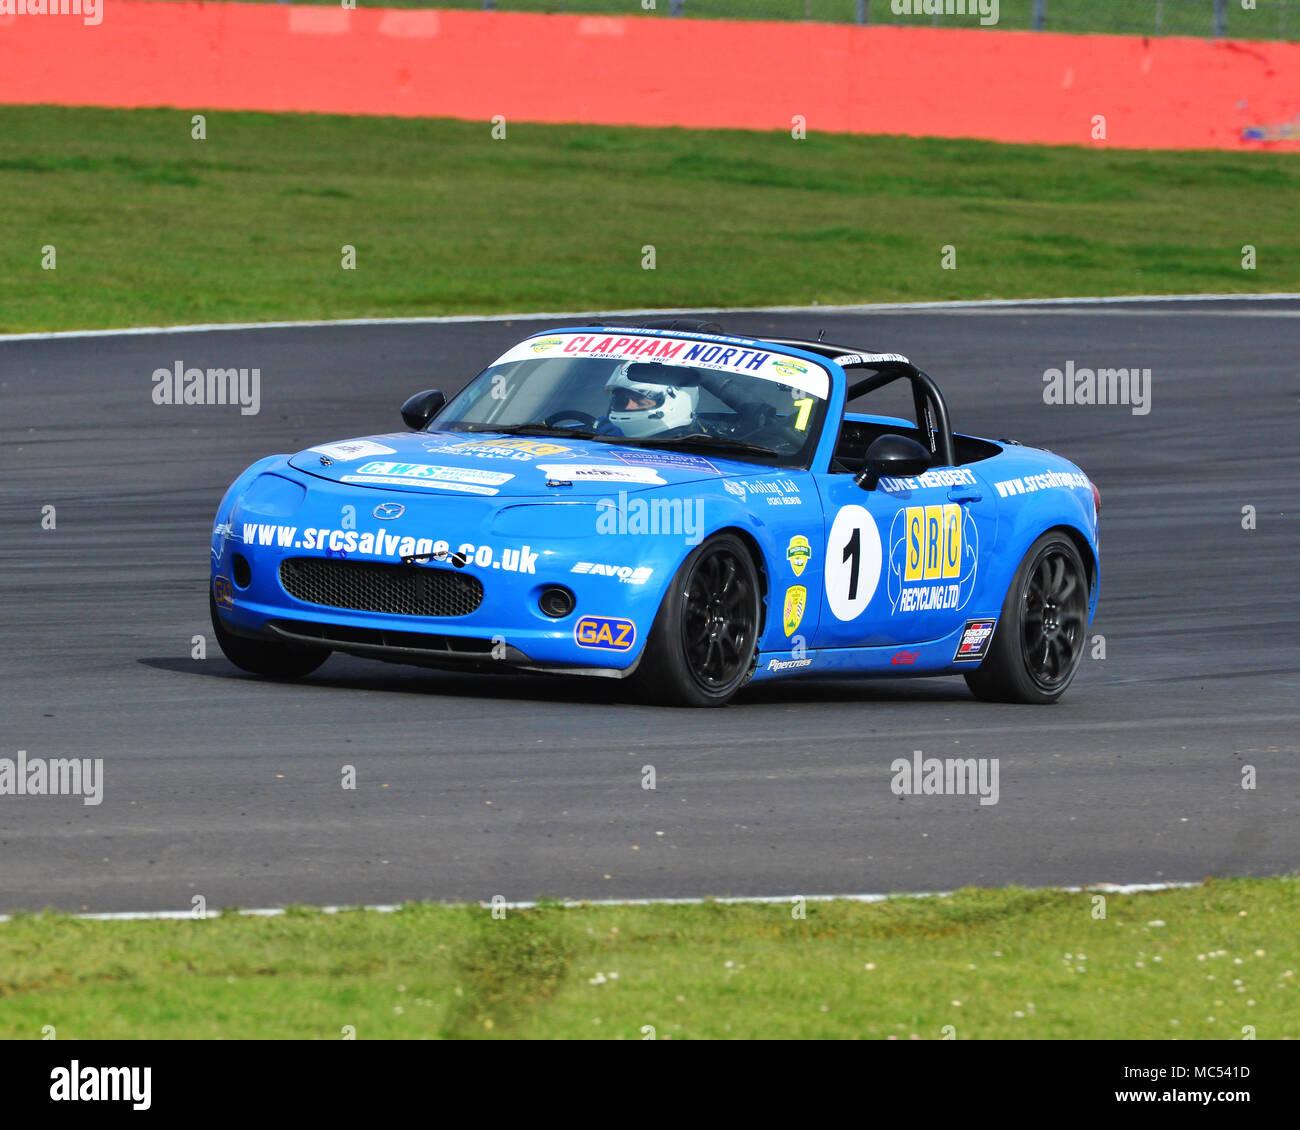 Mazda Racing Cars Stock Photos & Mazda Racing Cars Stock Images - Alamy